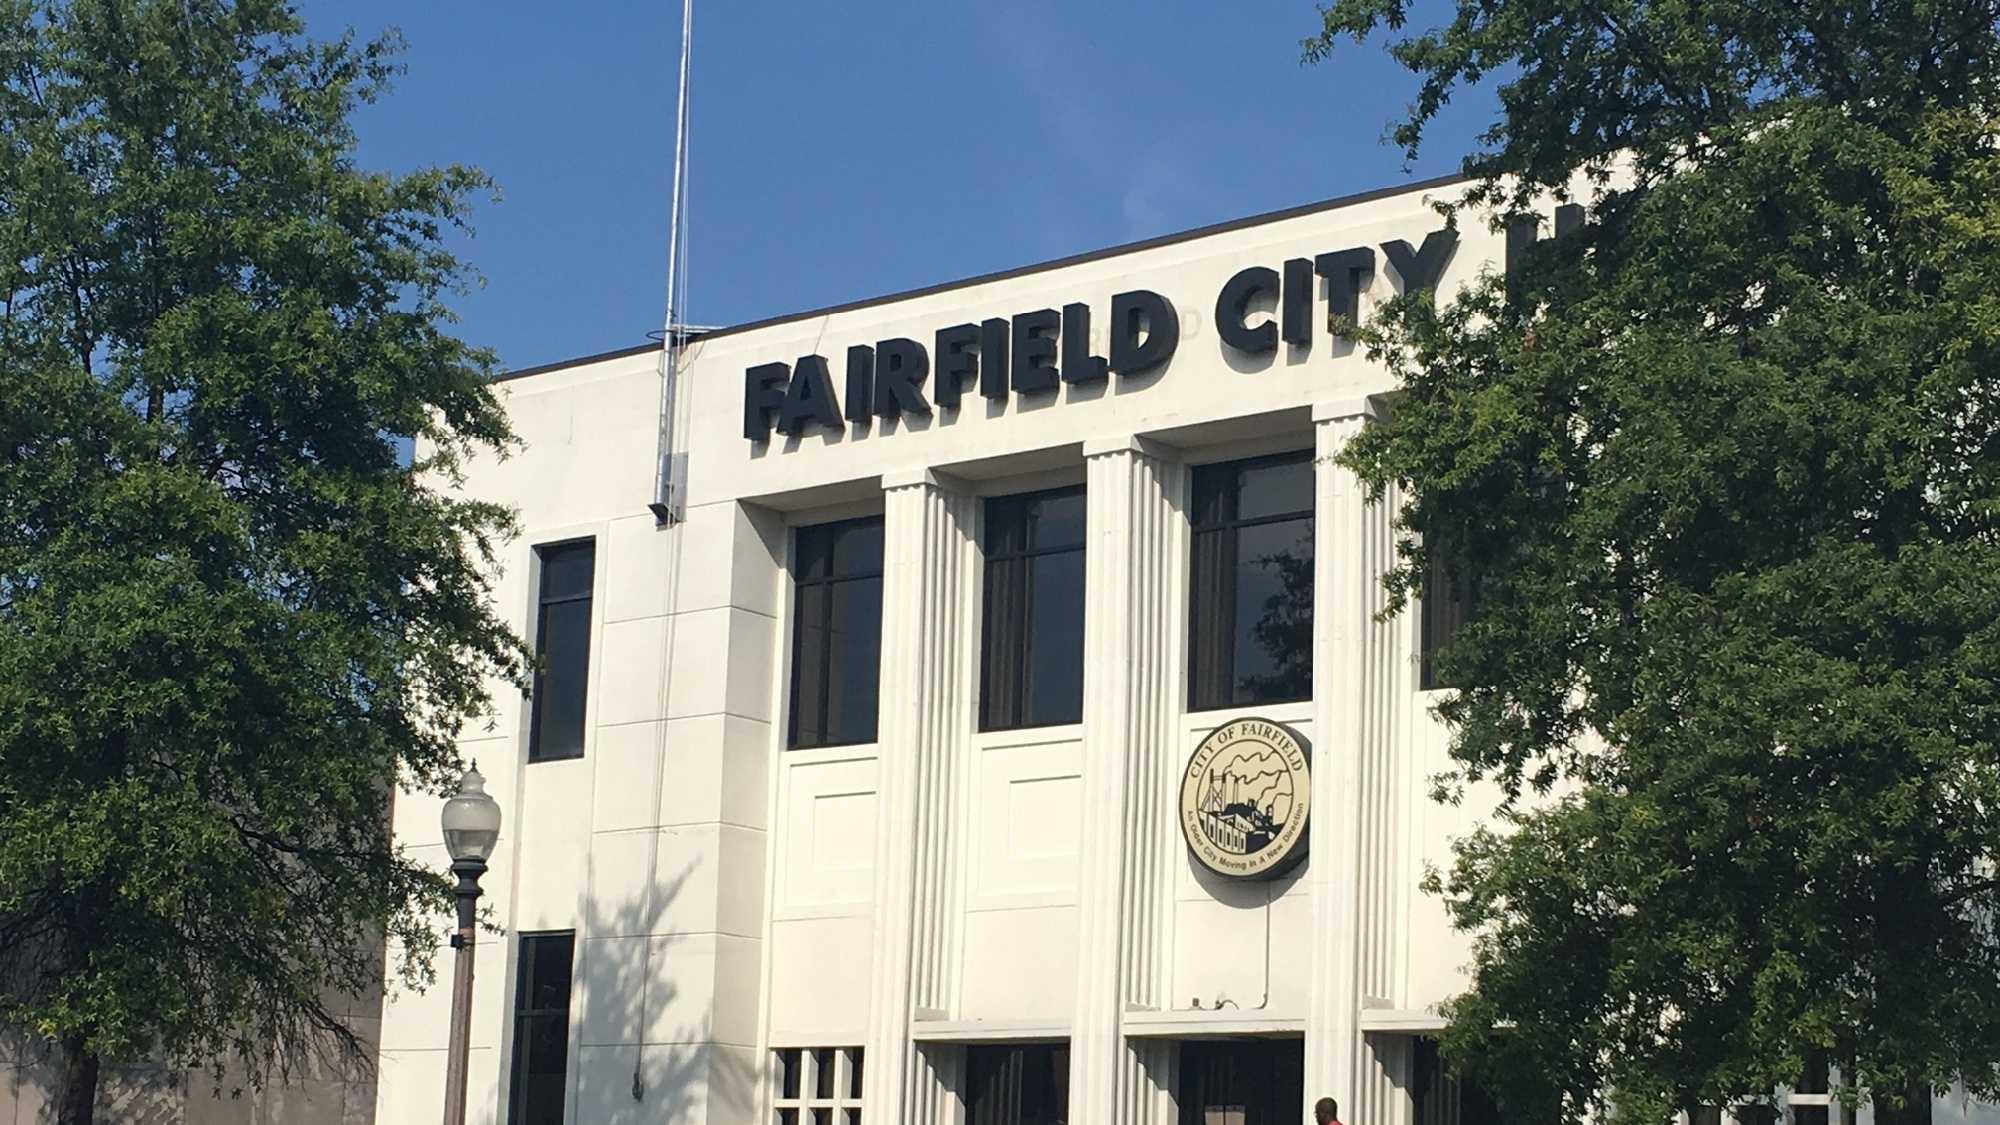 fairfield city hall front.JPG